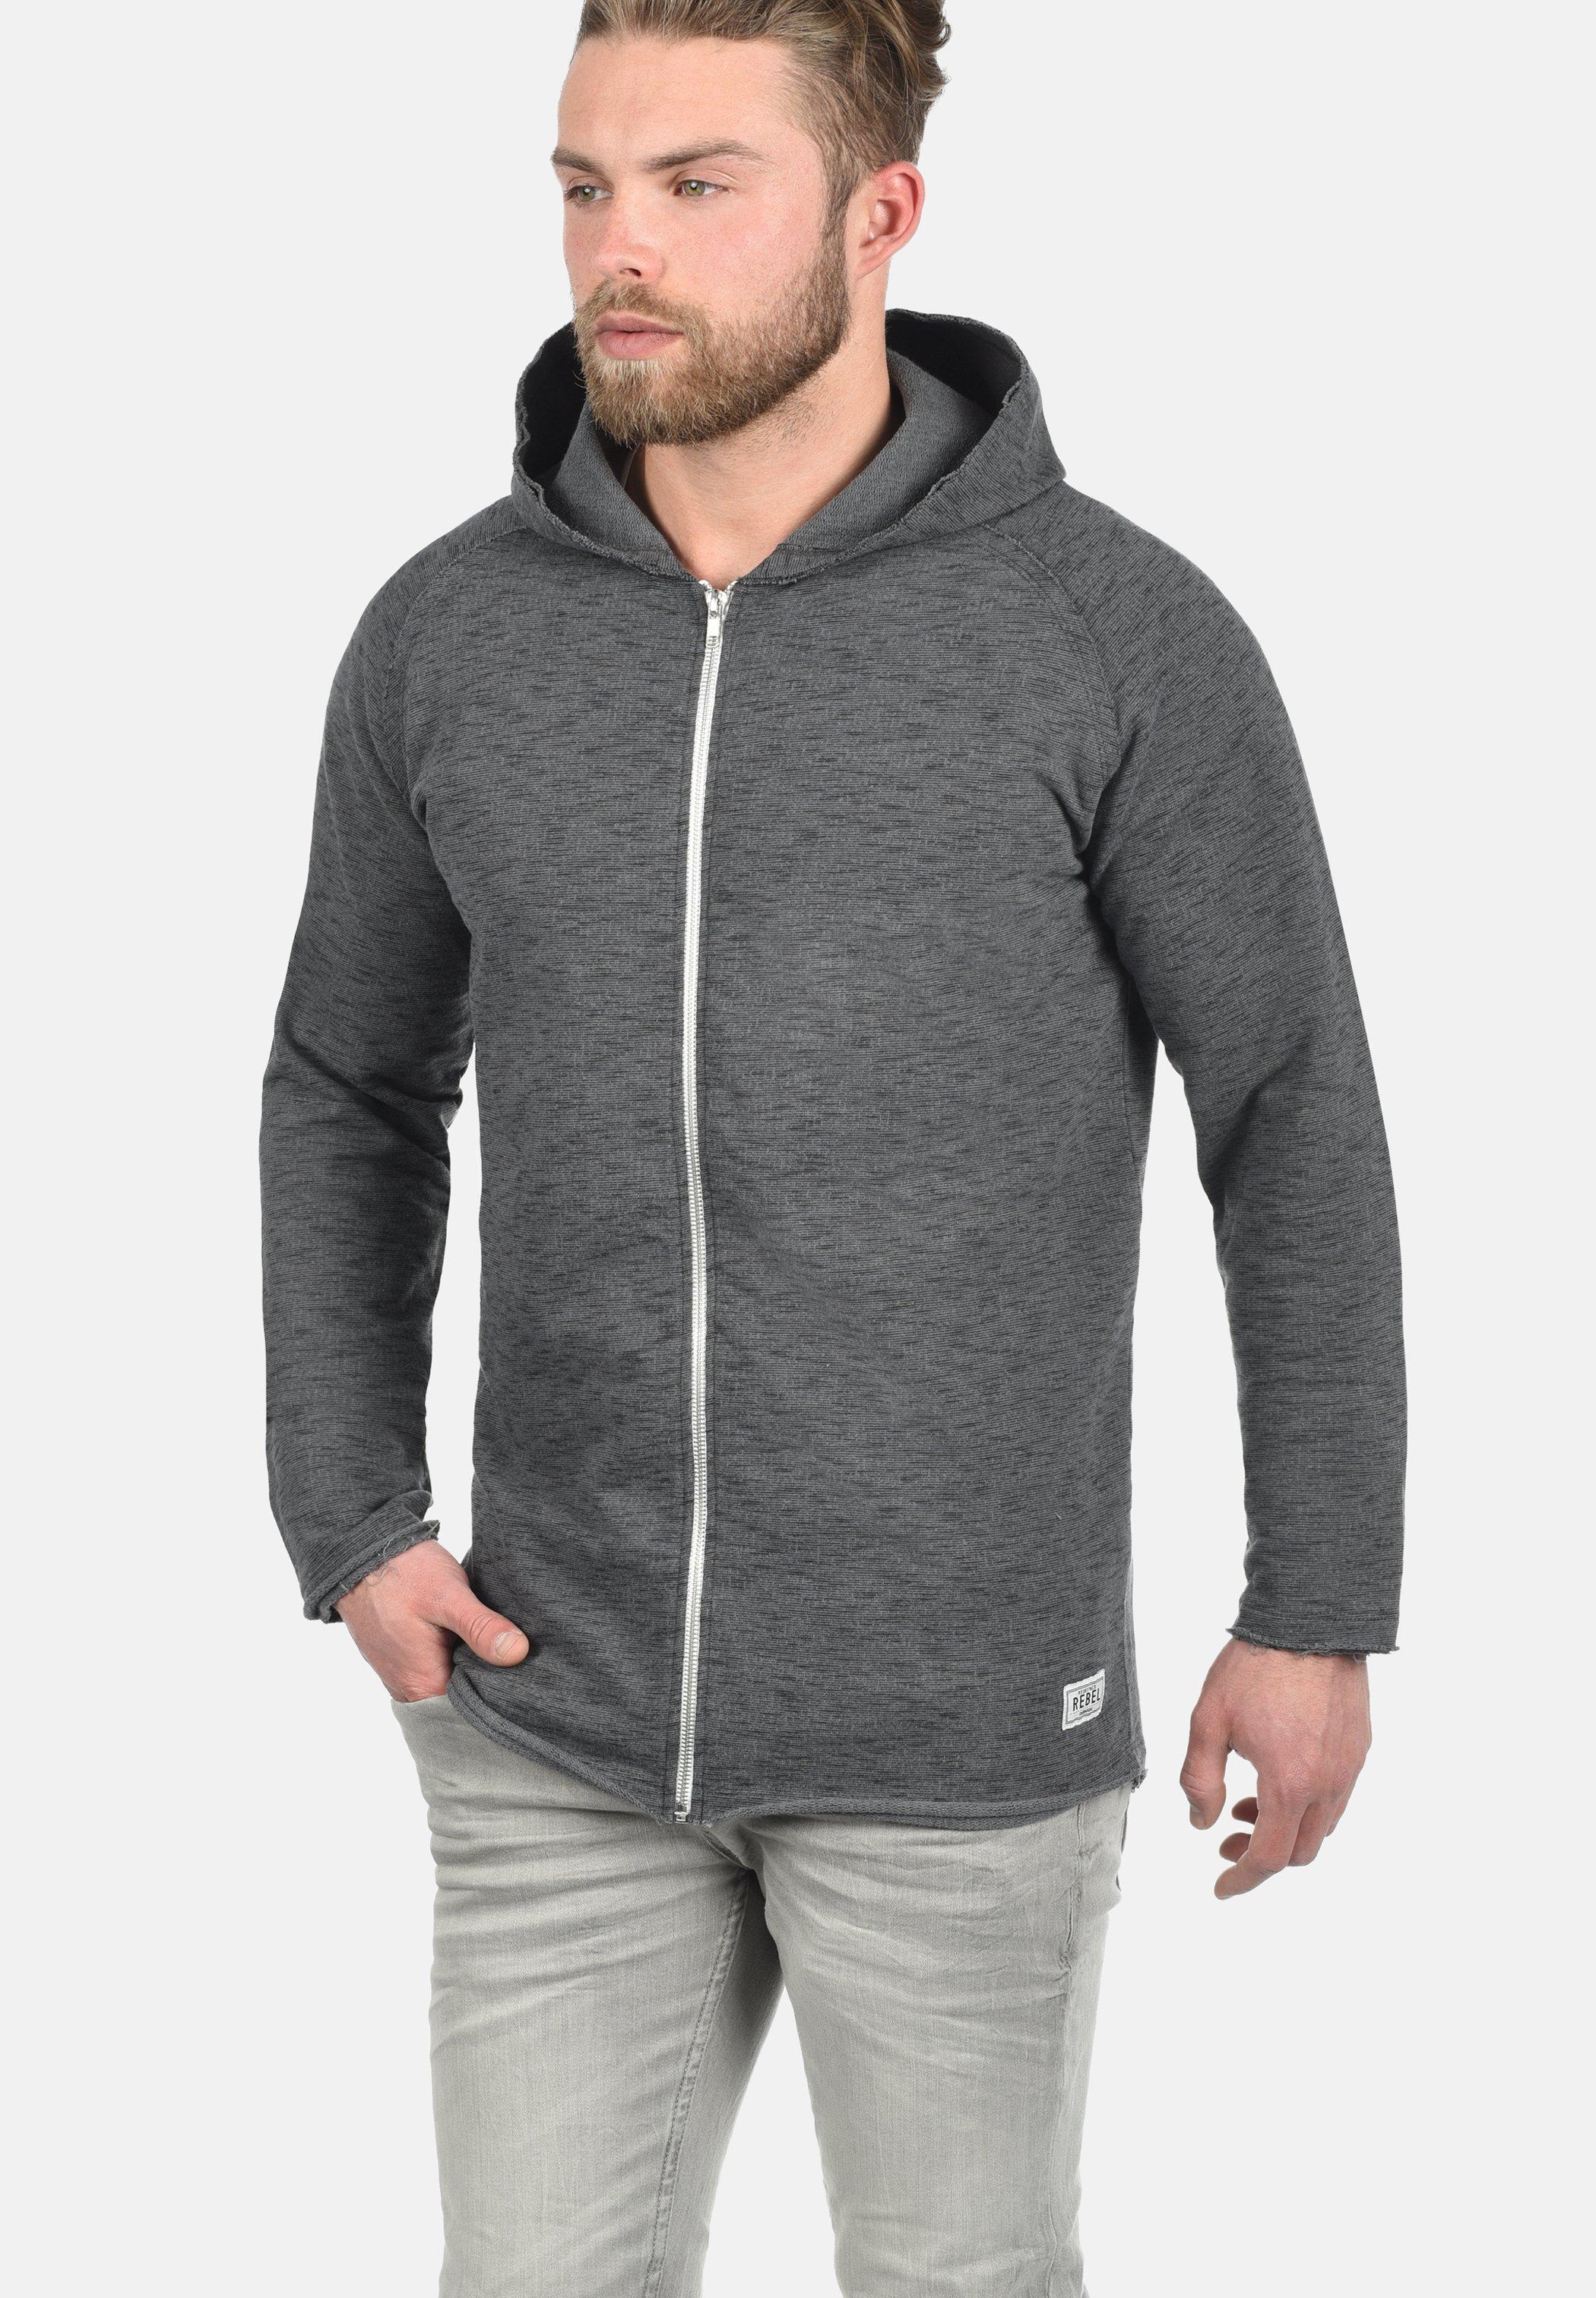 Uomo MALIK - Felpa con zip